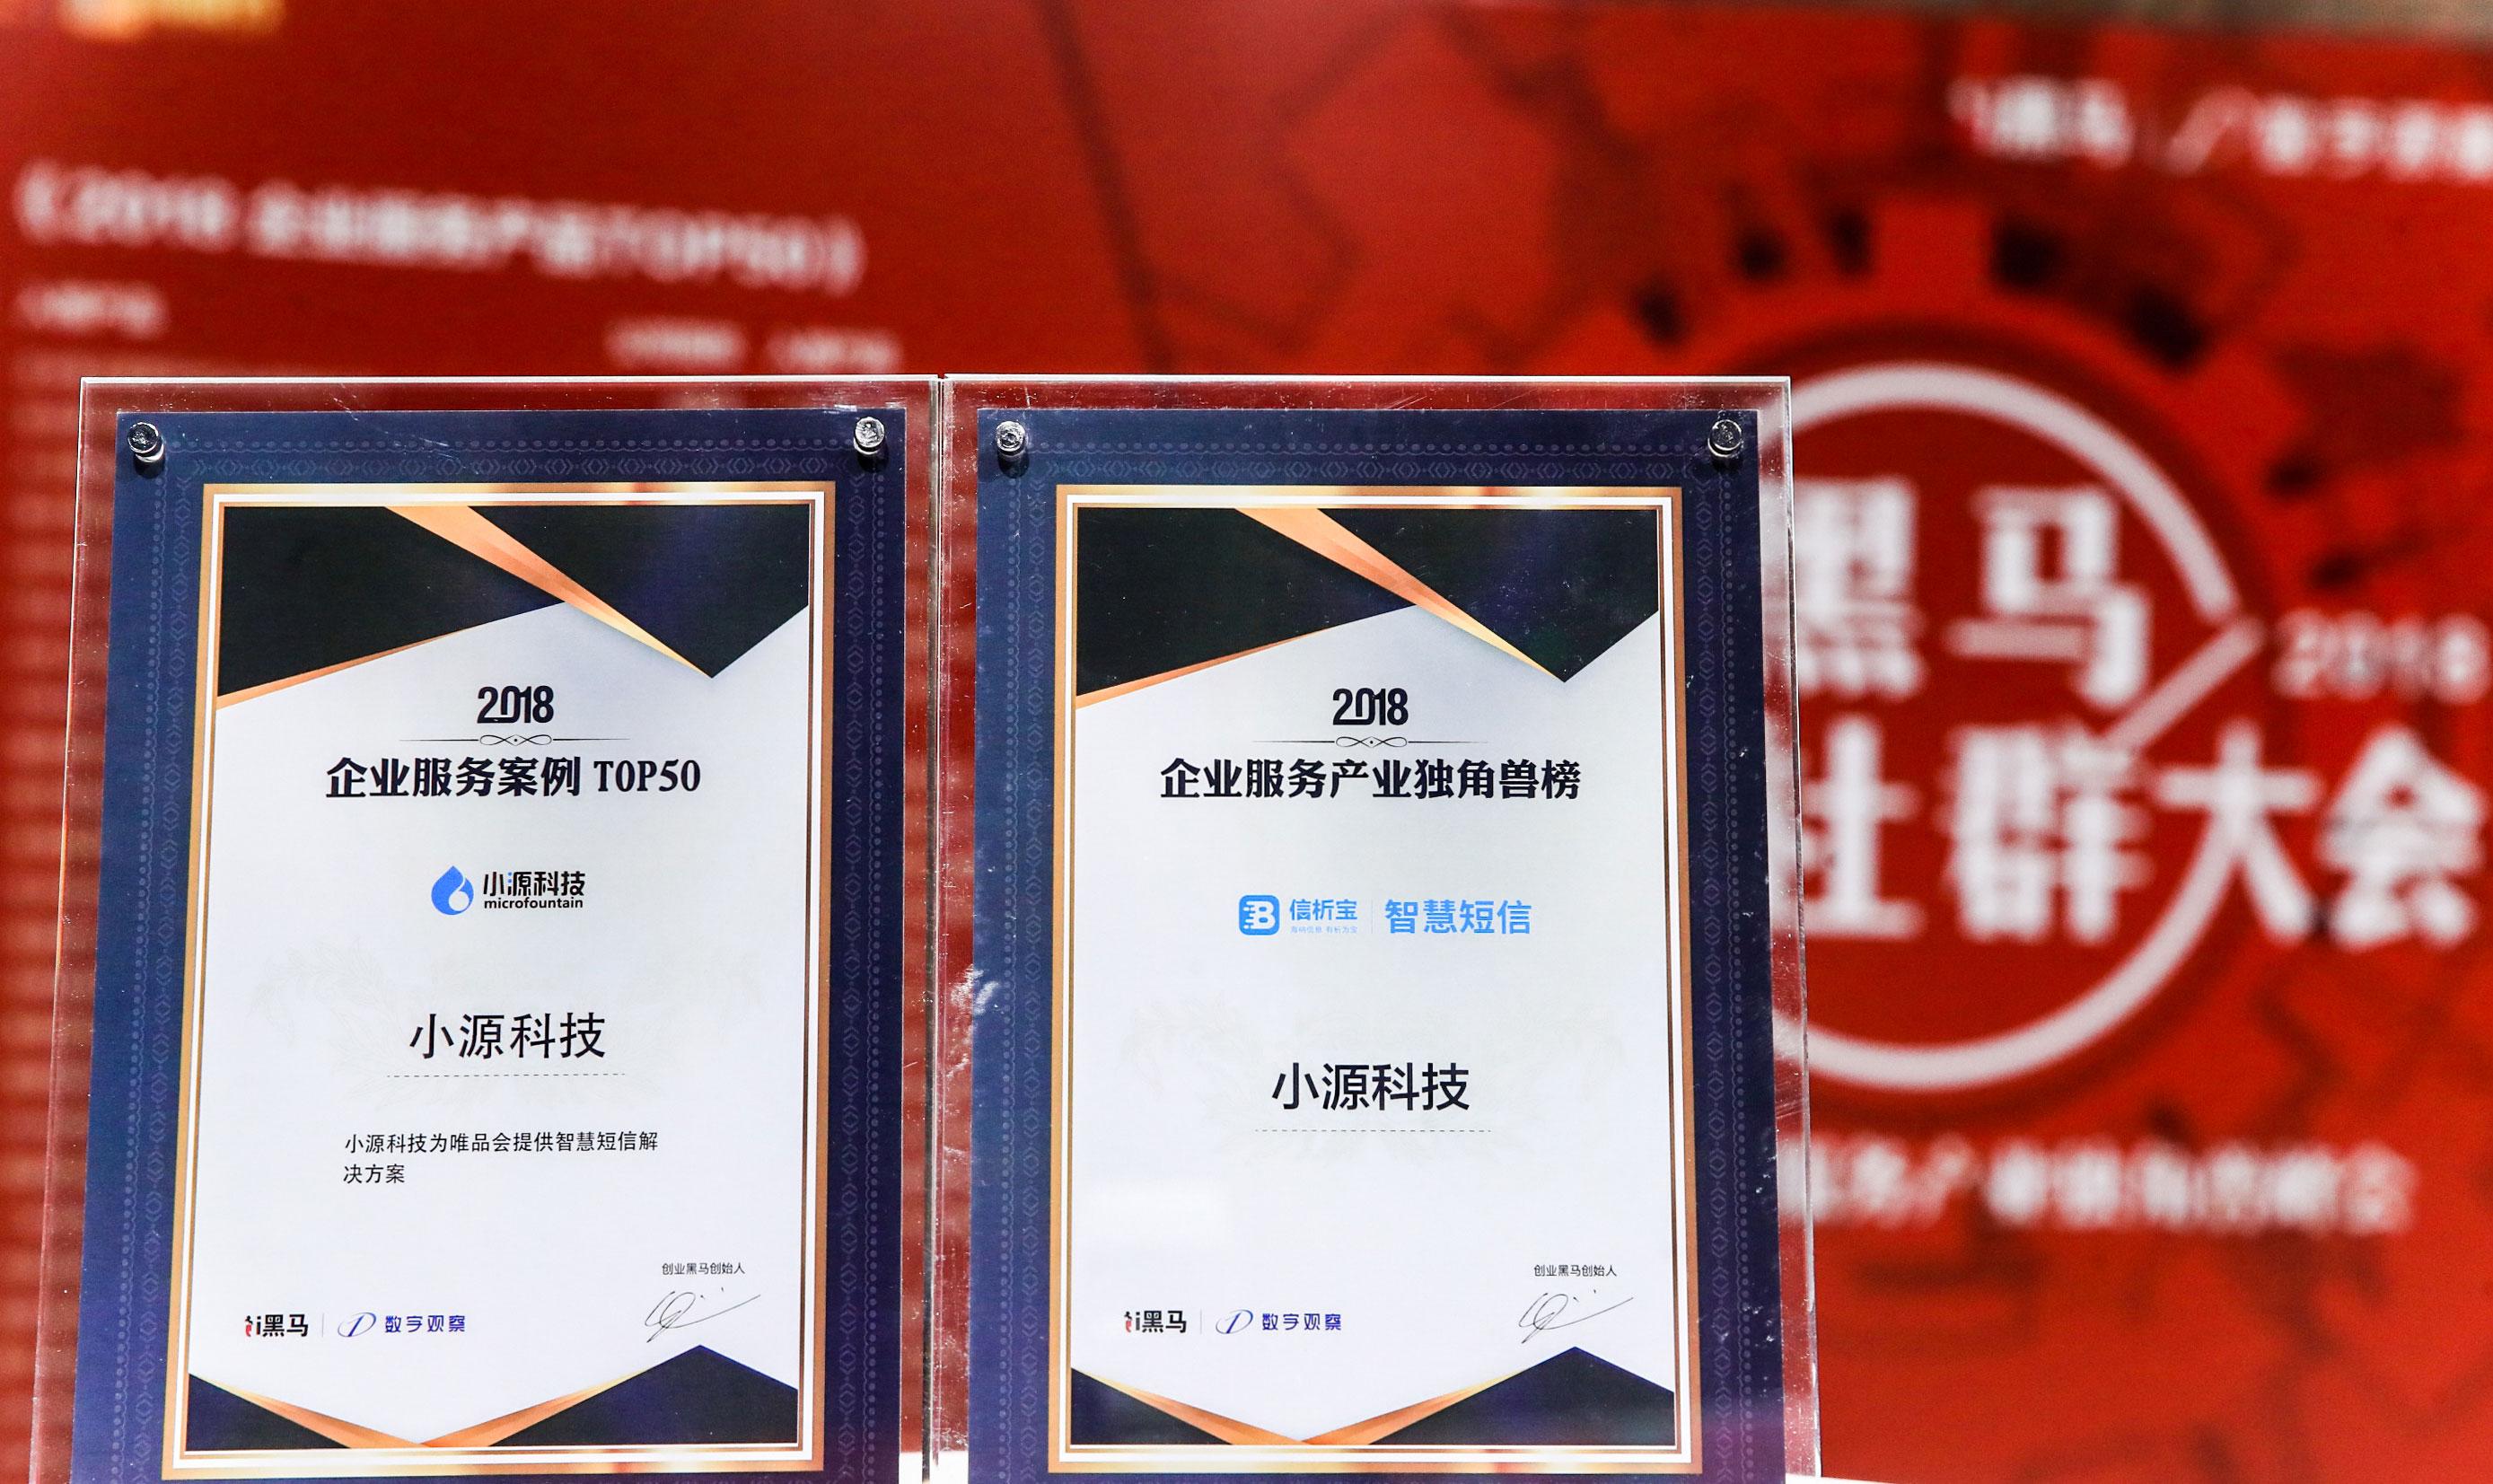 小源获两项黑马企服大奖——准独角兽和案例TOP 50!